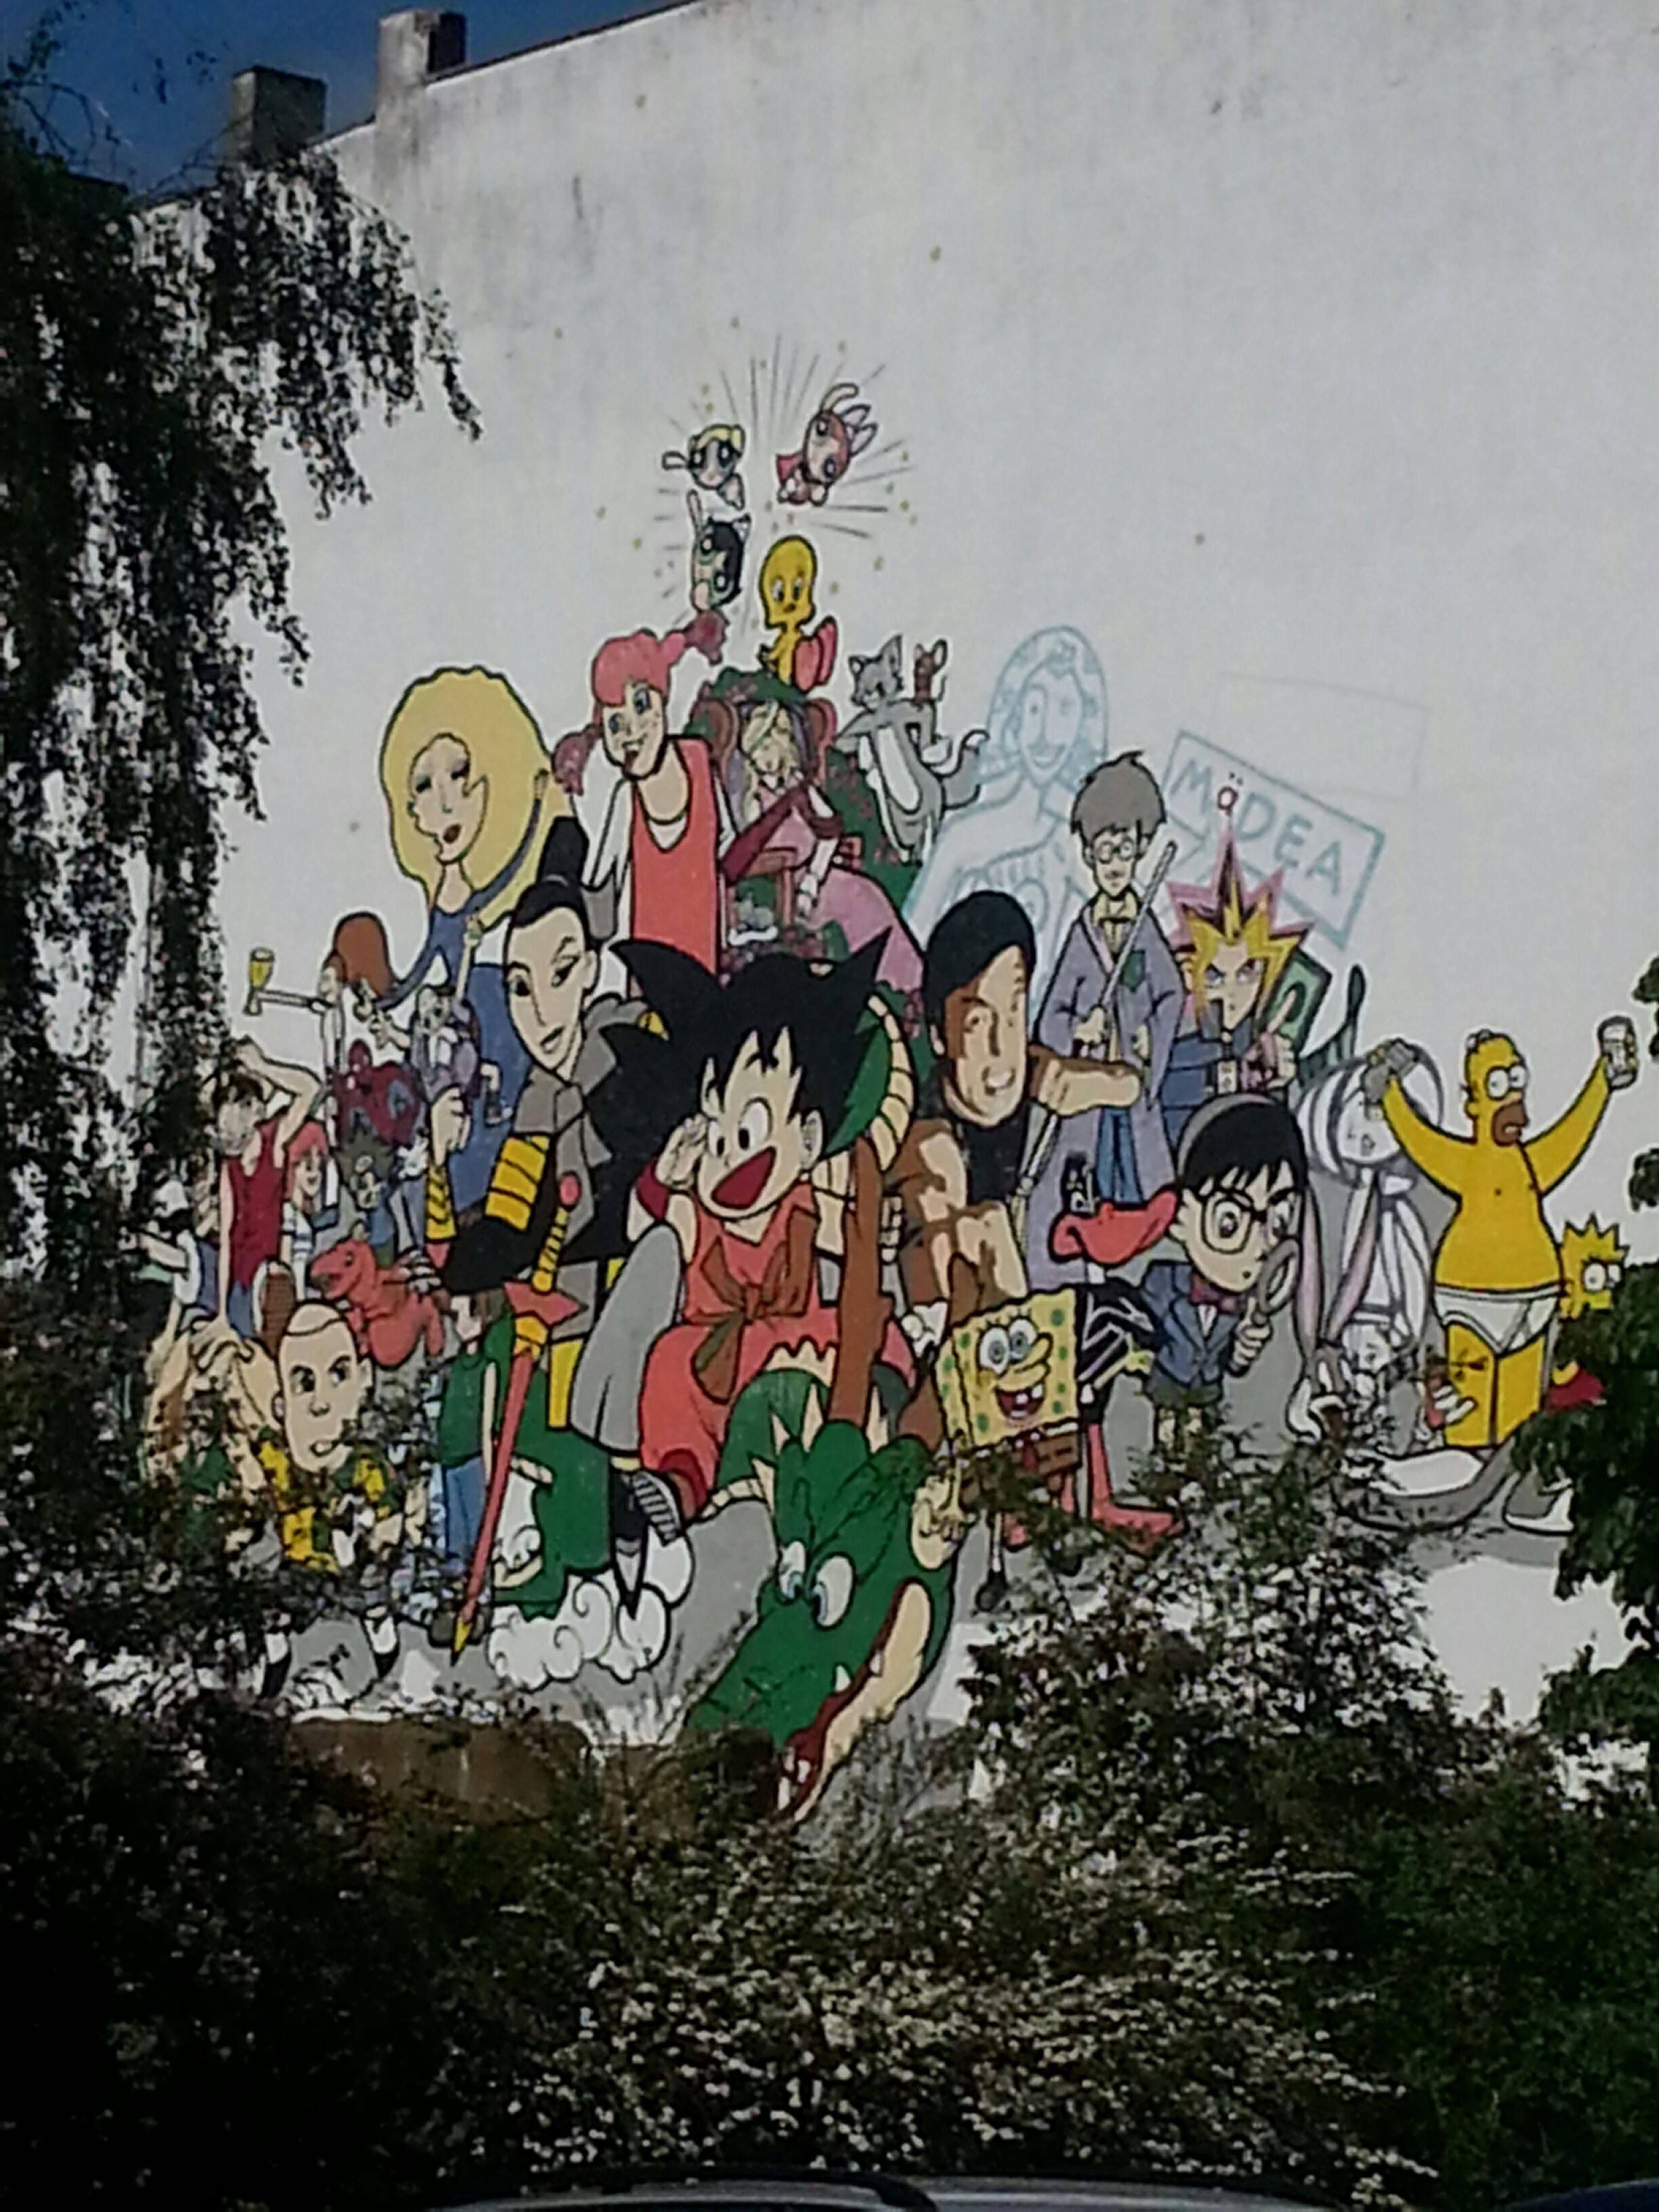 Wall of Cartoon